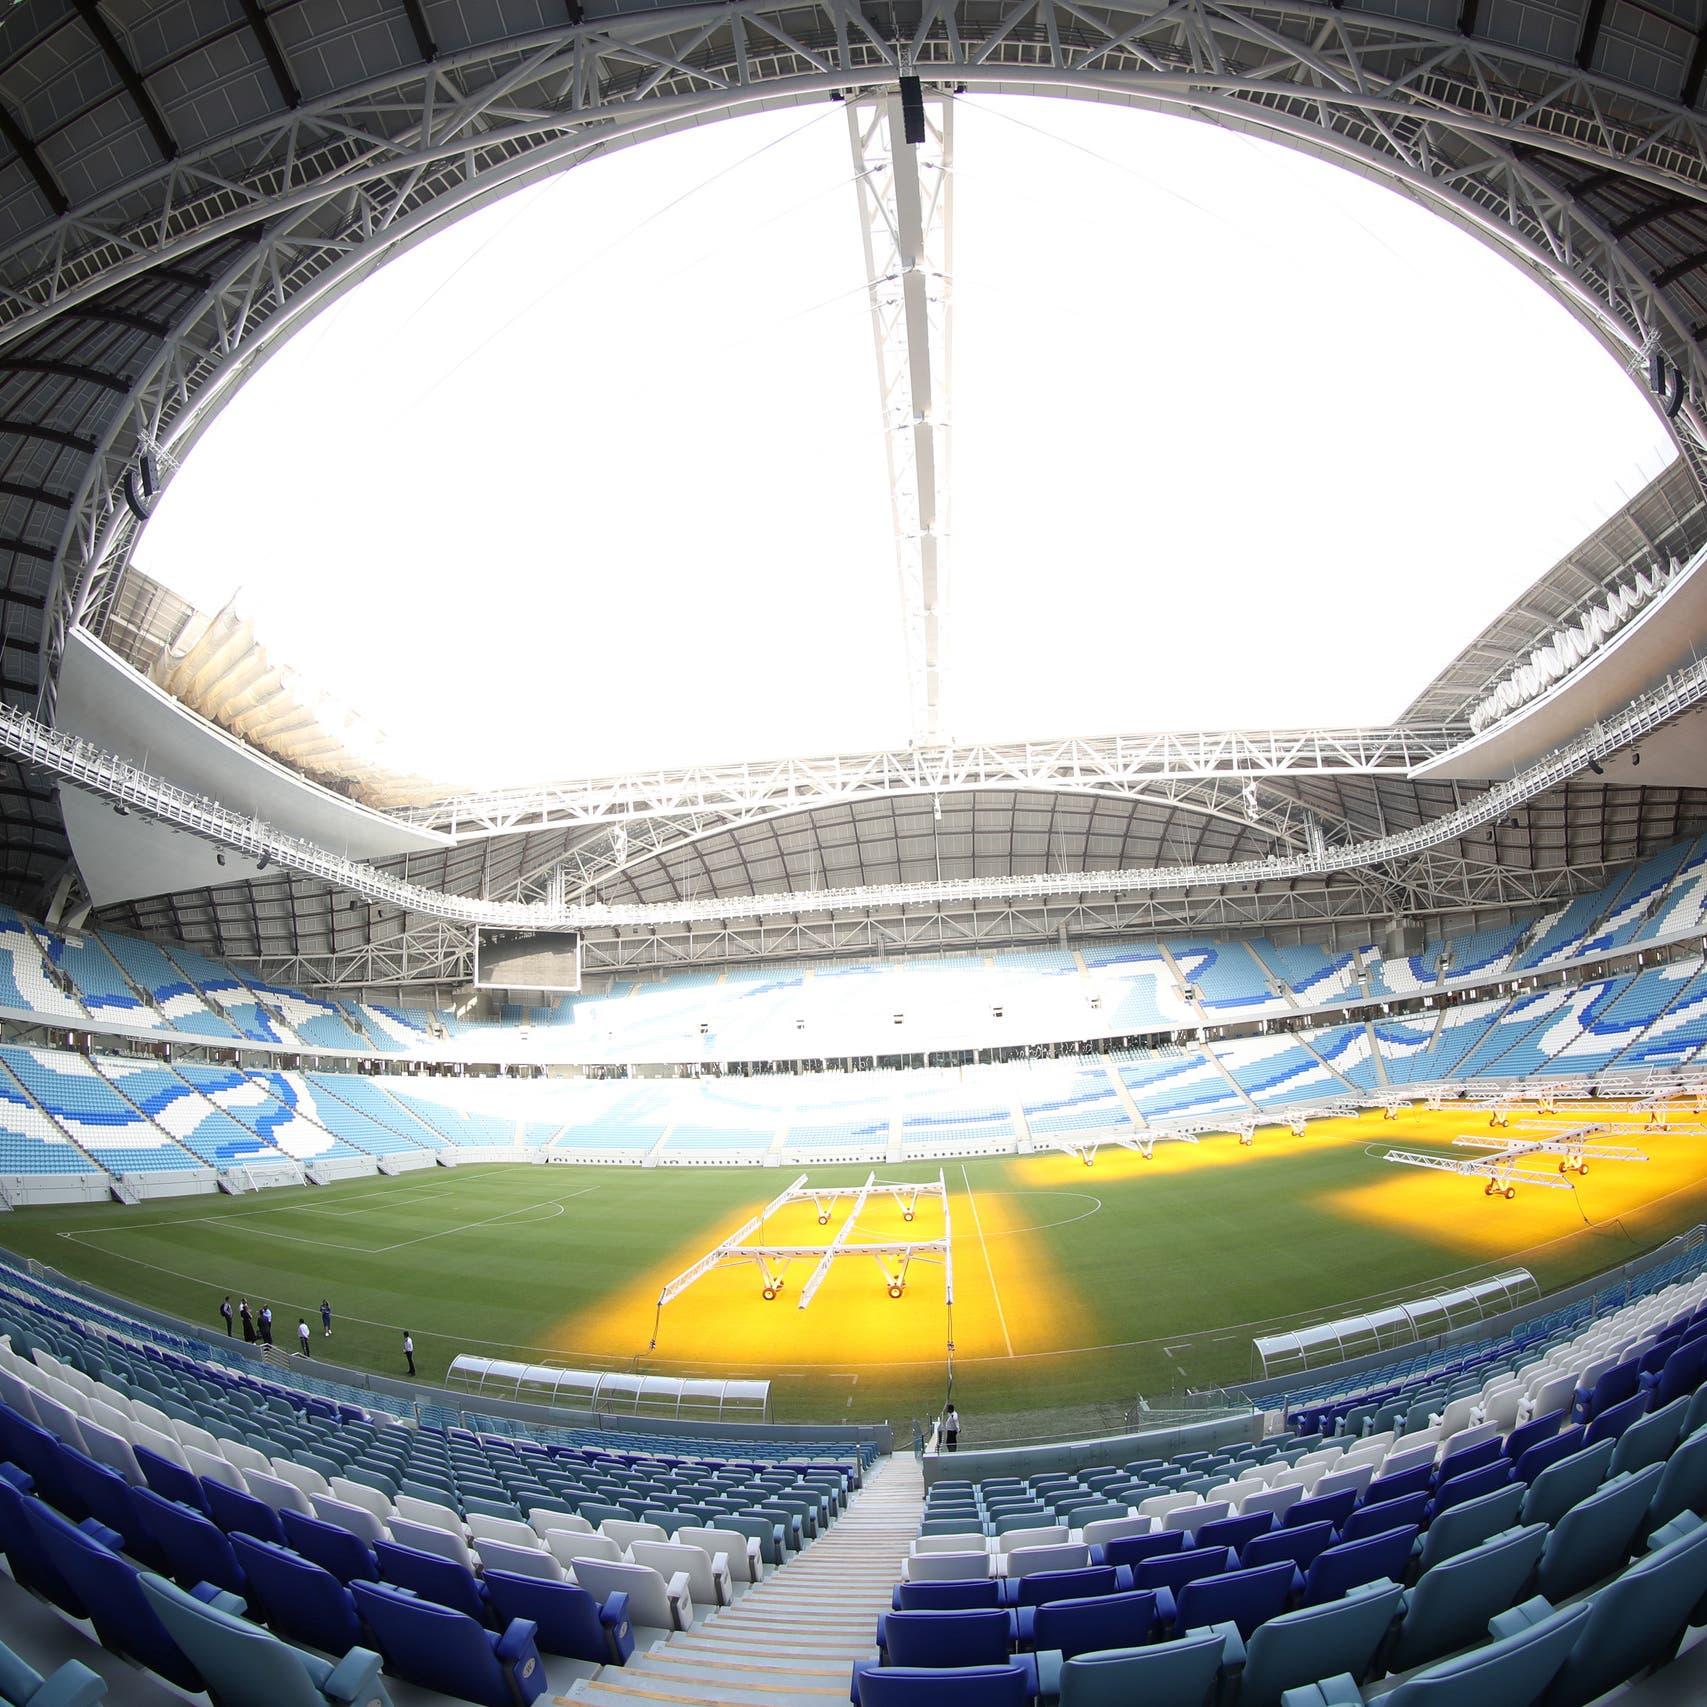 بلومبيرغ: عثرات ألعاب القوى في قطر تخيم على مونديال 2022